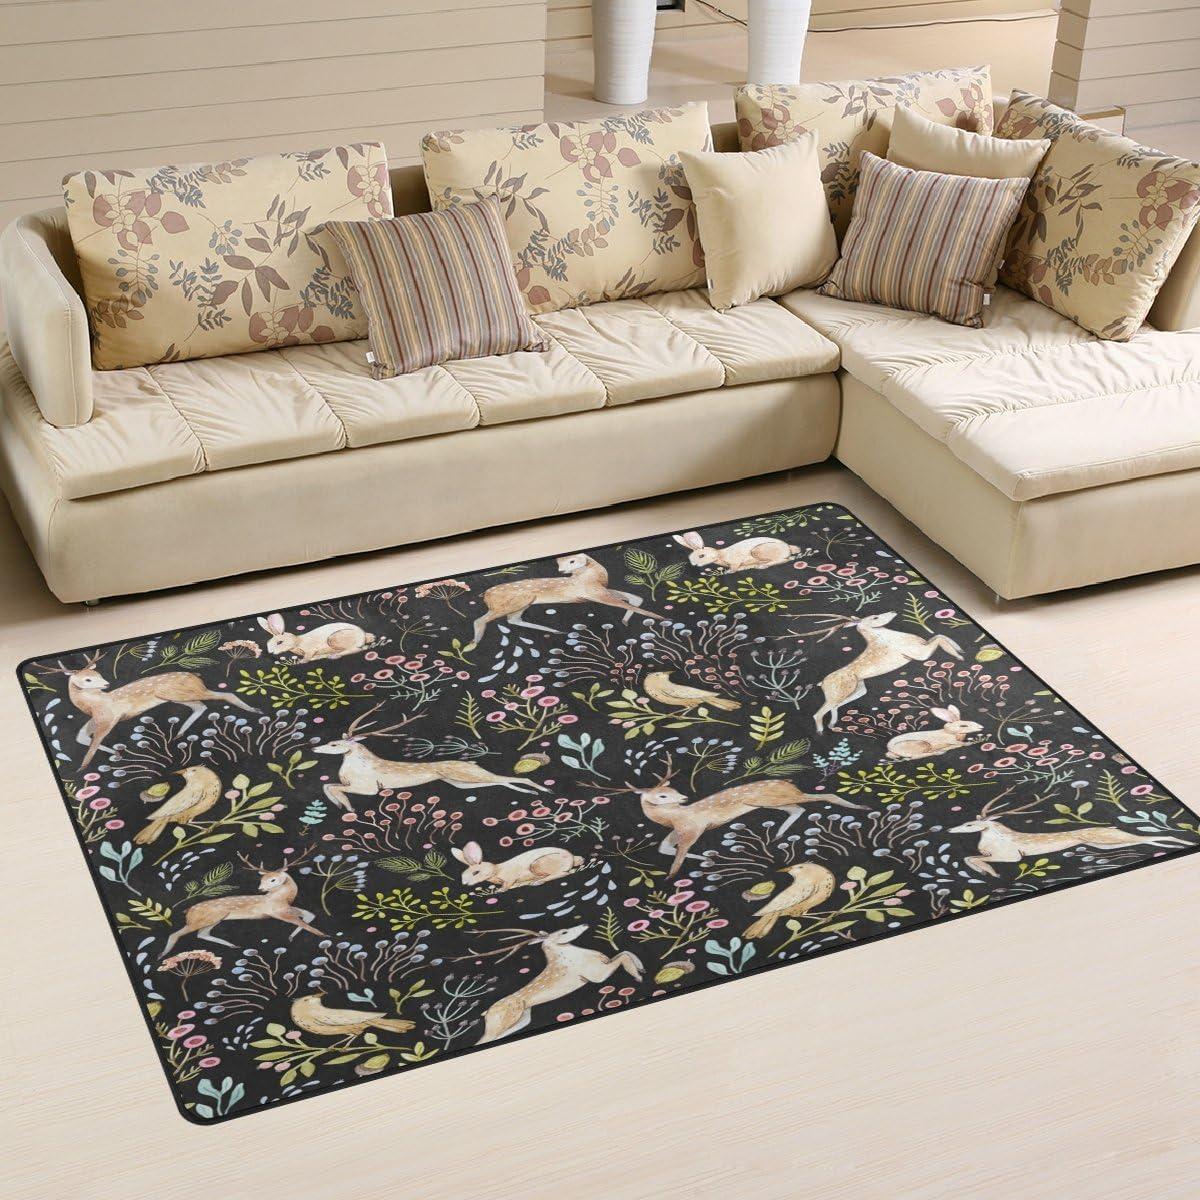 WOZO Christmas Deer Bunny Rabbit Floral Area Rug Rugs Non-Slip Floor Mat Doormat